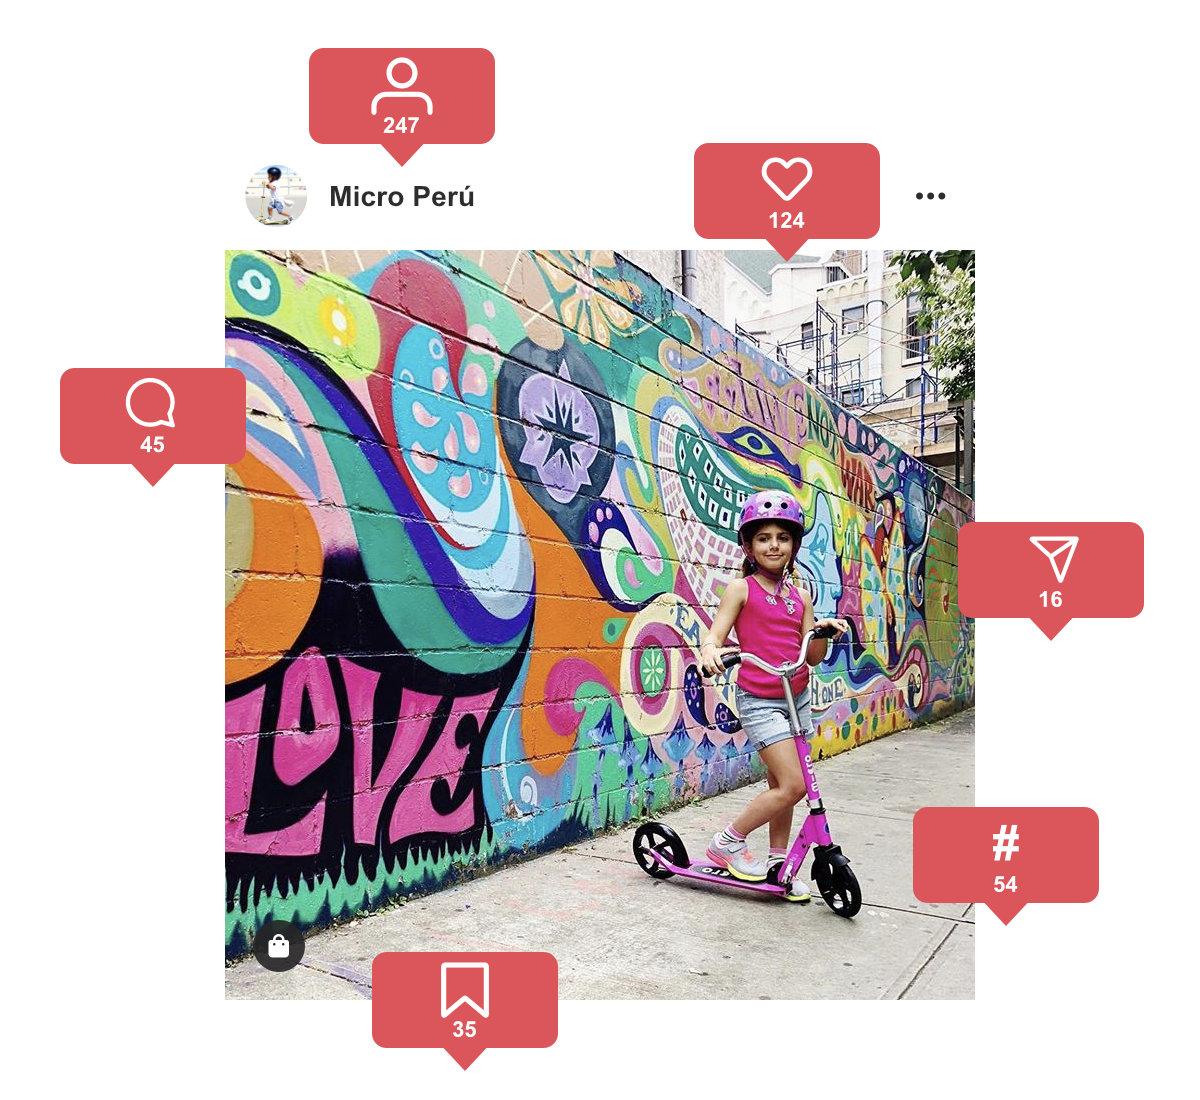 Vende en Instagram